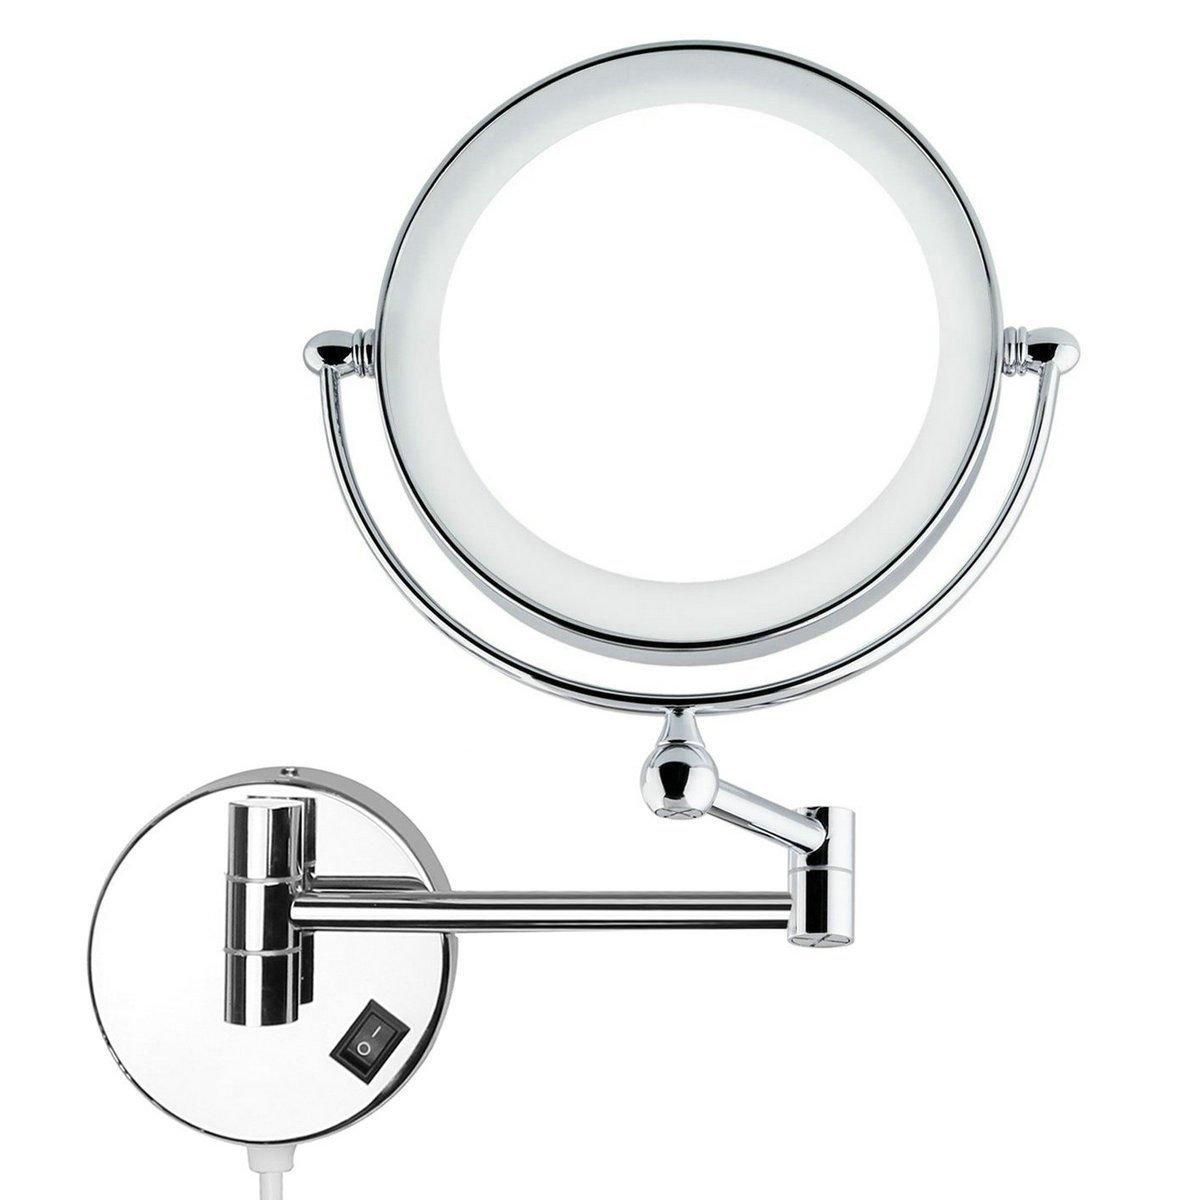 Auxmir Kosmetikspiegel mit LED Beleuchtung und 1-/ 5-facher Vergrößerung aus Kristallglas, Edelstahl und Messing, Doppelseitig, Rostfrei, Schminkspiegel Beleuchtet für Badezimmer, Kosmetikstudio, Spa und Hotel